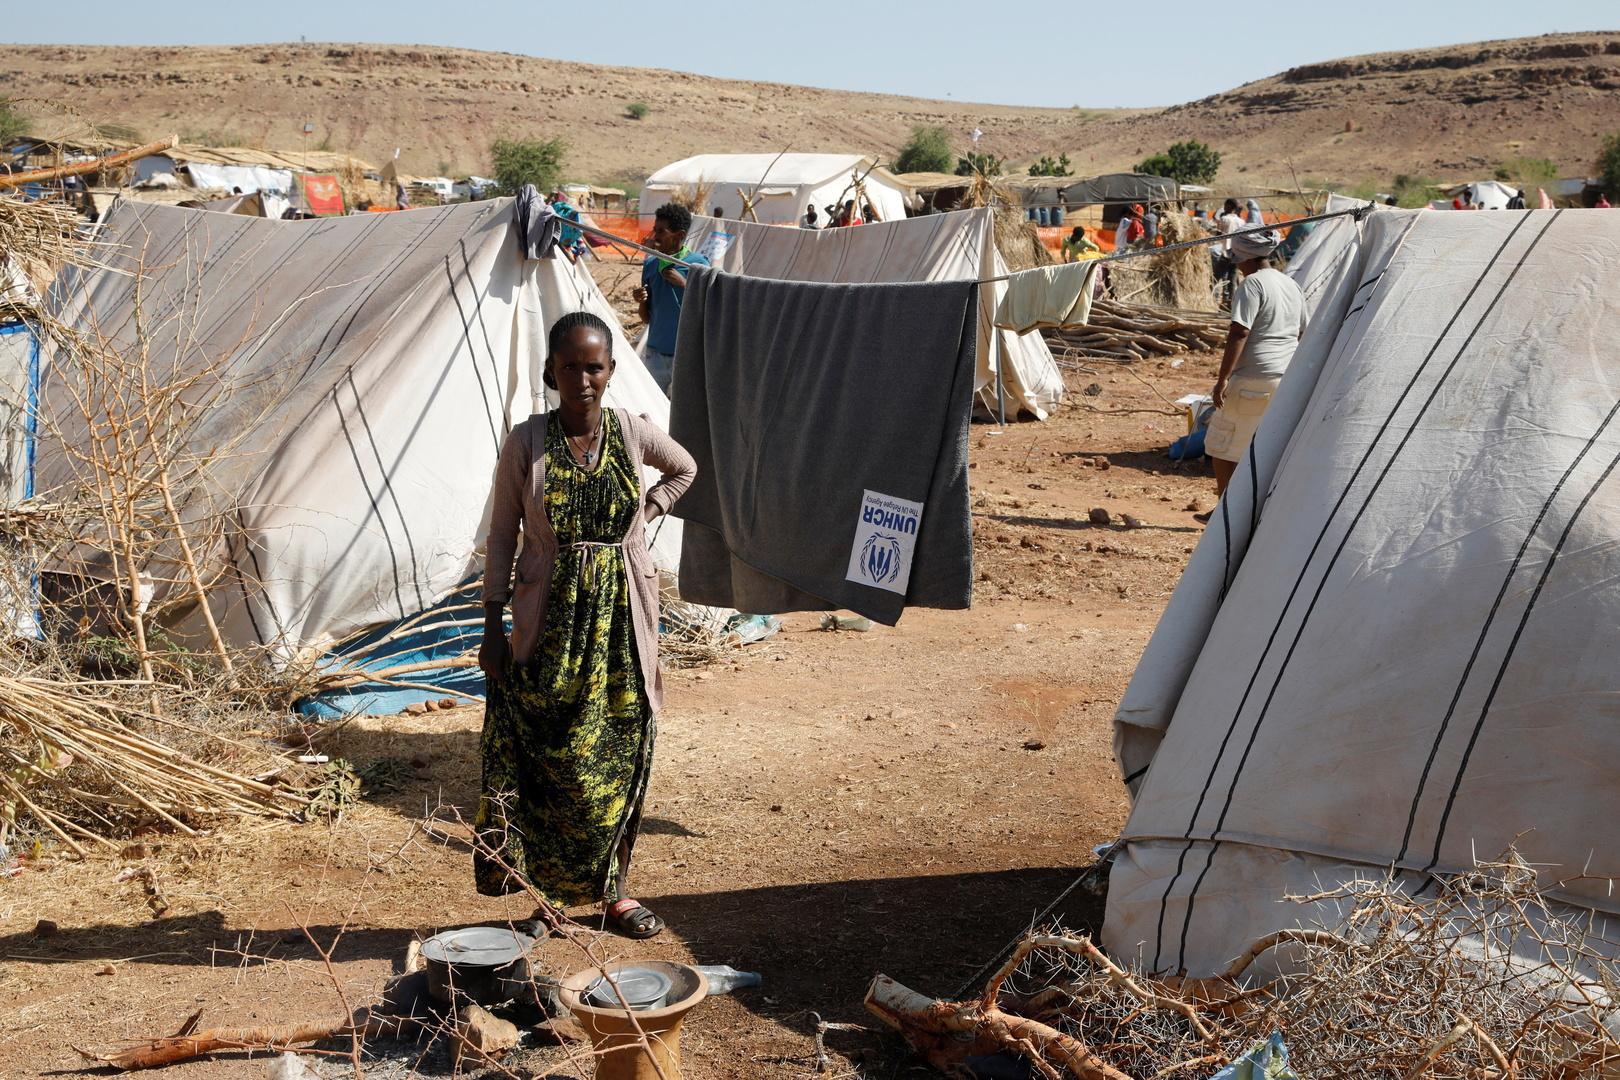 الاتحاد الإفريقي يدعو لوقف كل الأعمال العدائية في إقليم تيغراي